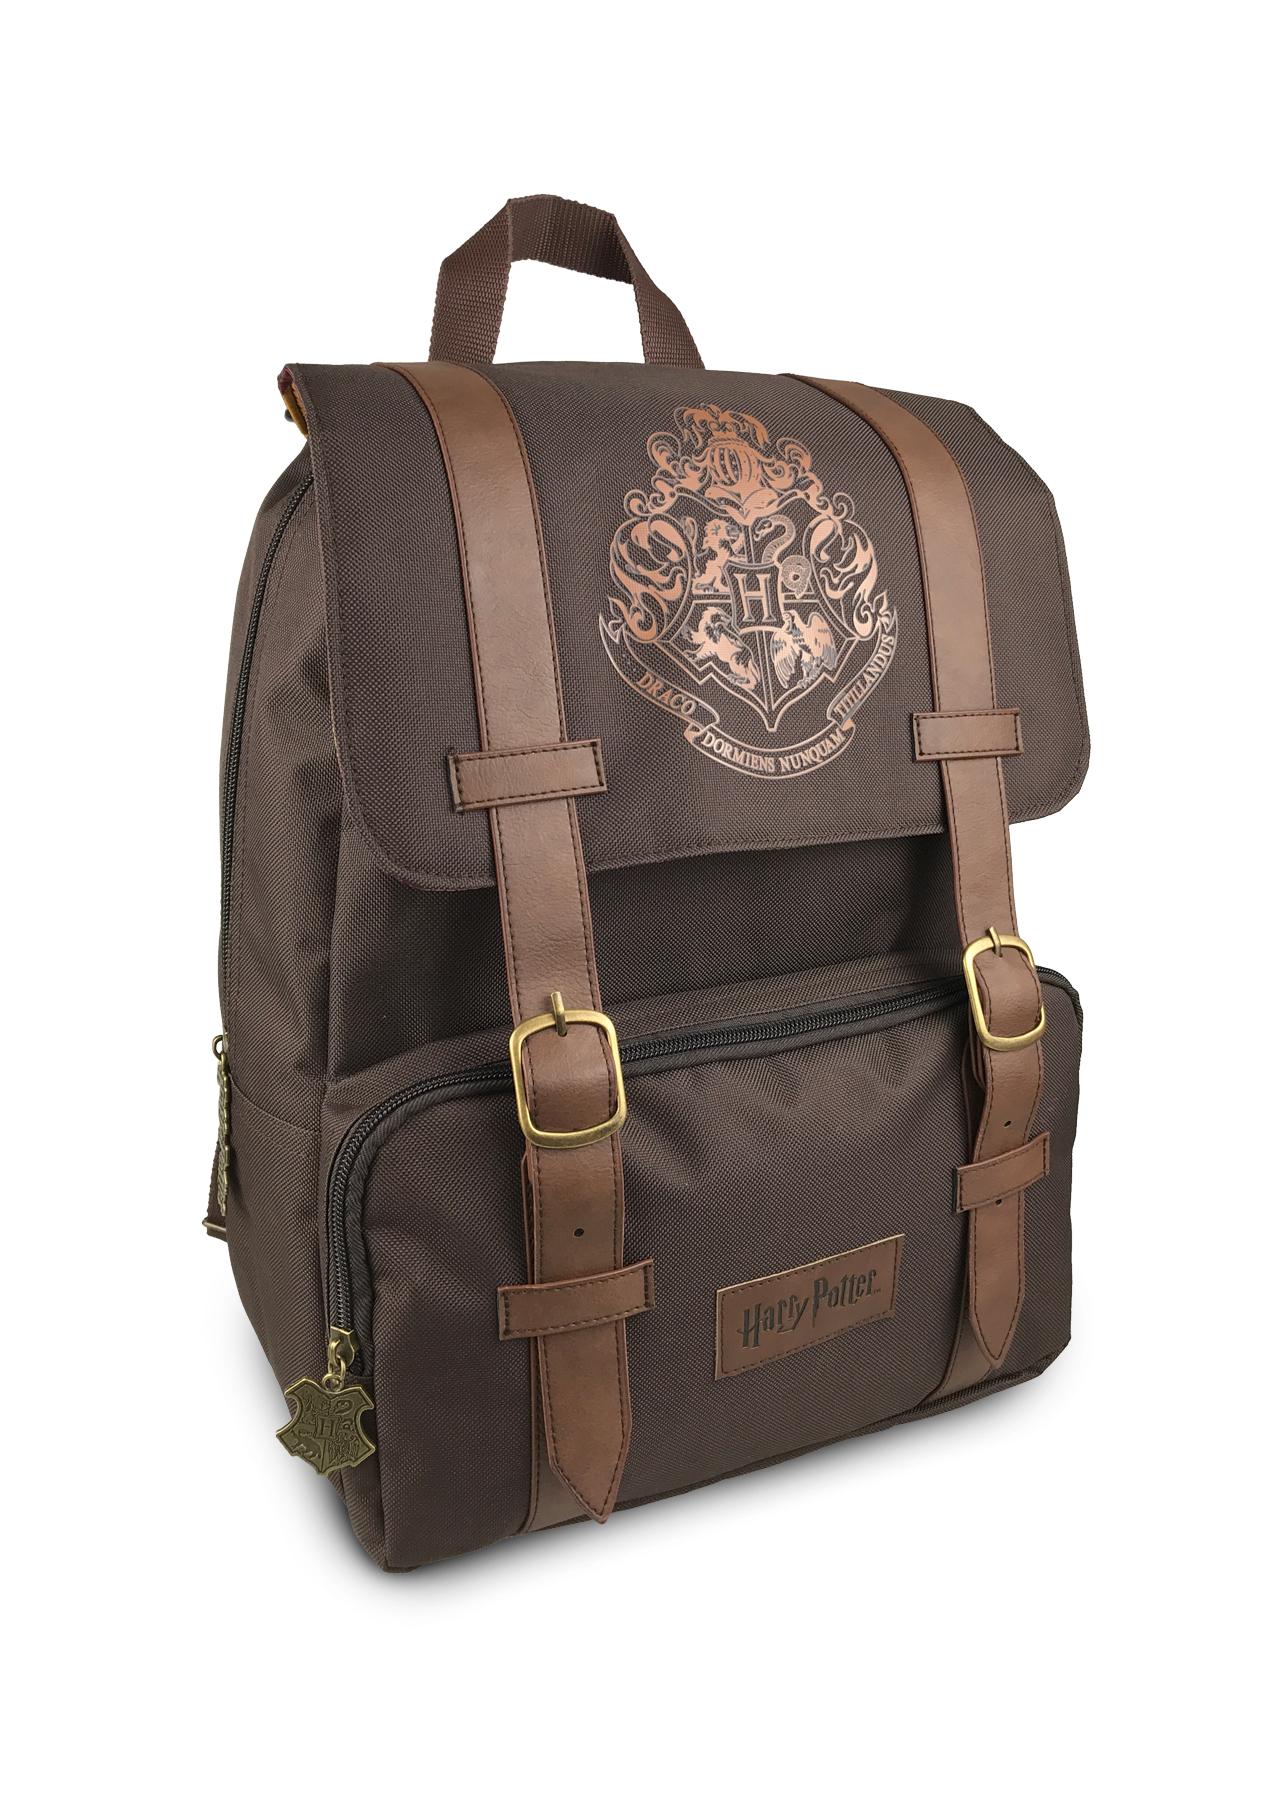 Harry Potter Hogwarts Flap Over Backpack Groovy Uk